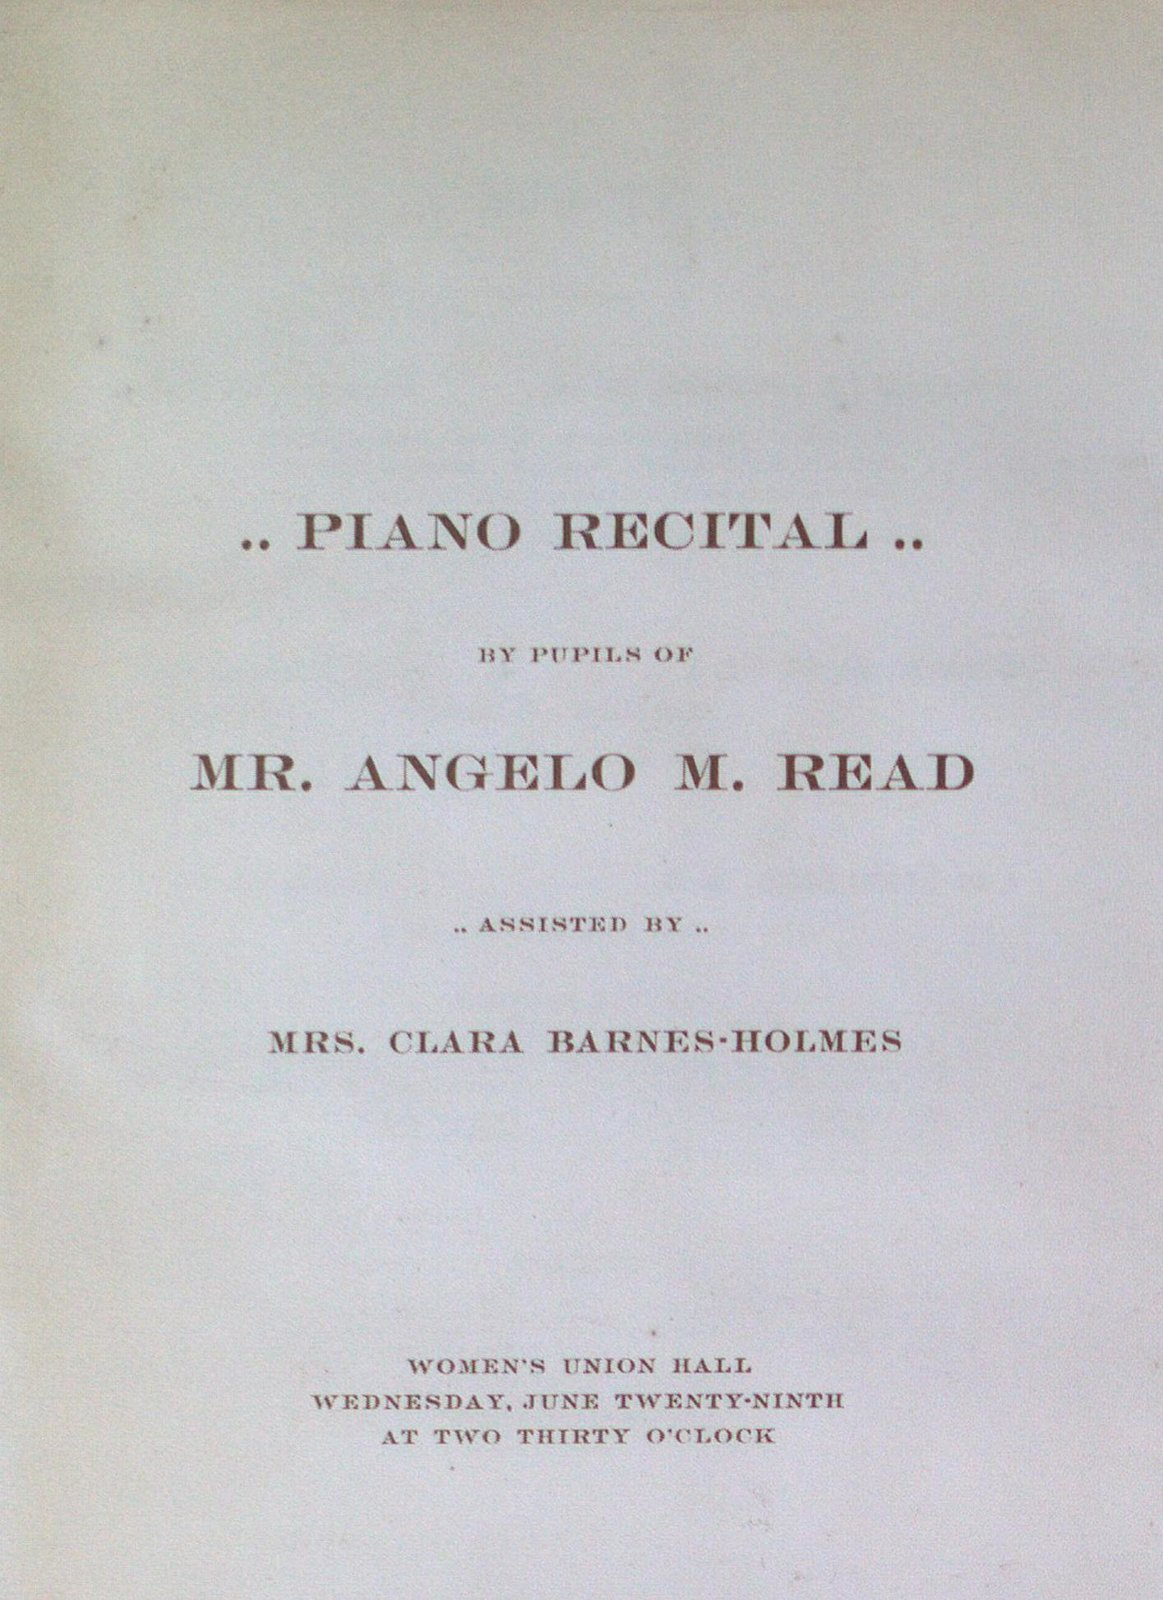 Teresa Vanderburgh's Musical Scrapbook #1 - Program for a Piano Recital in Buffalo